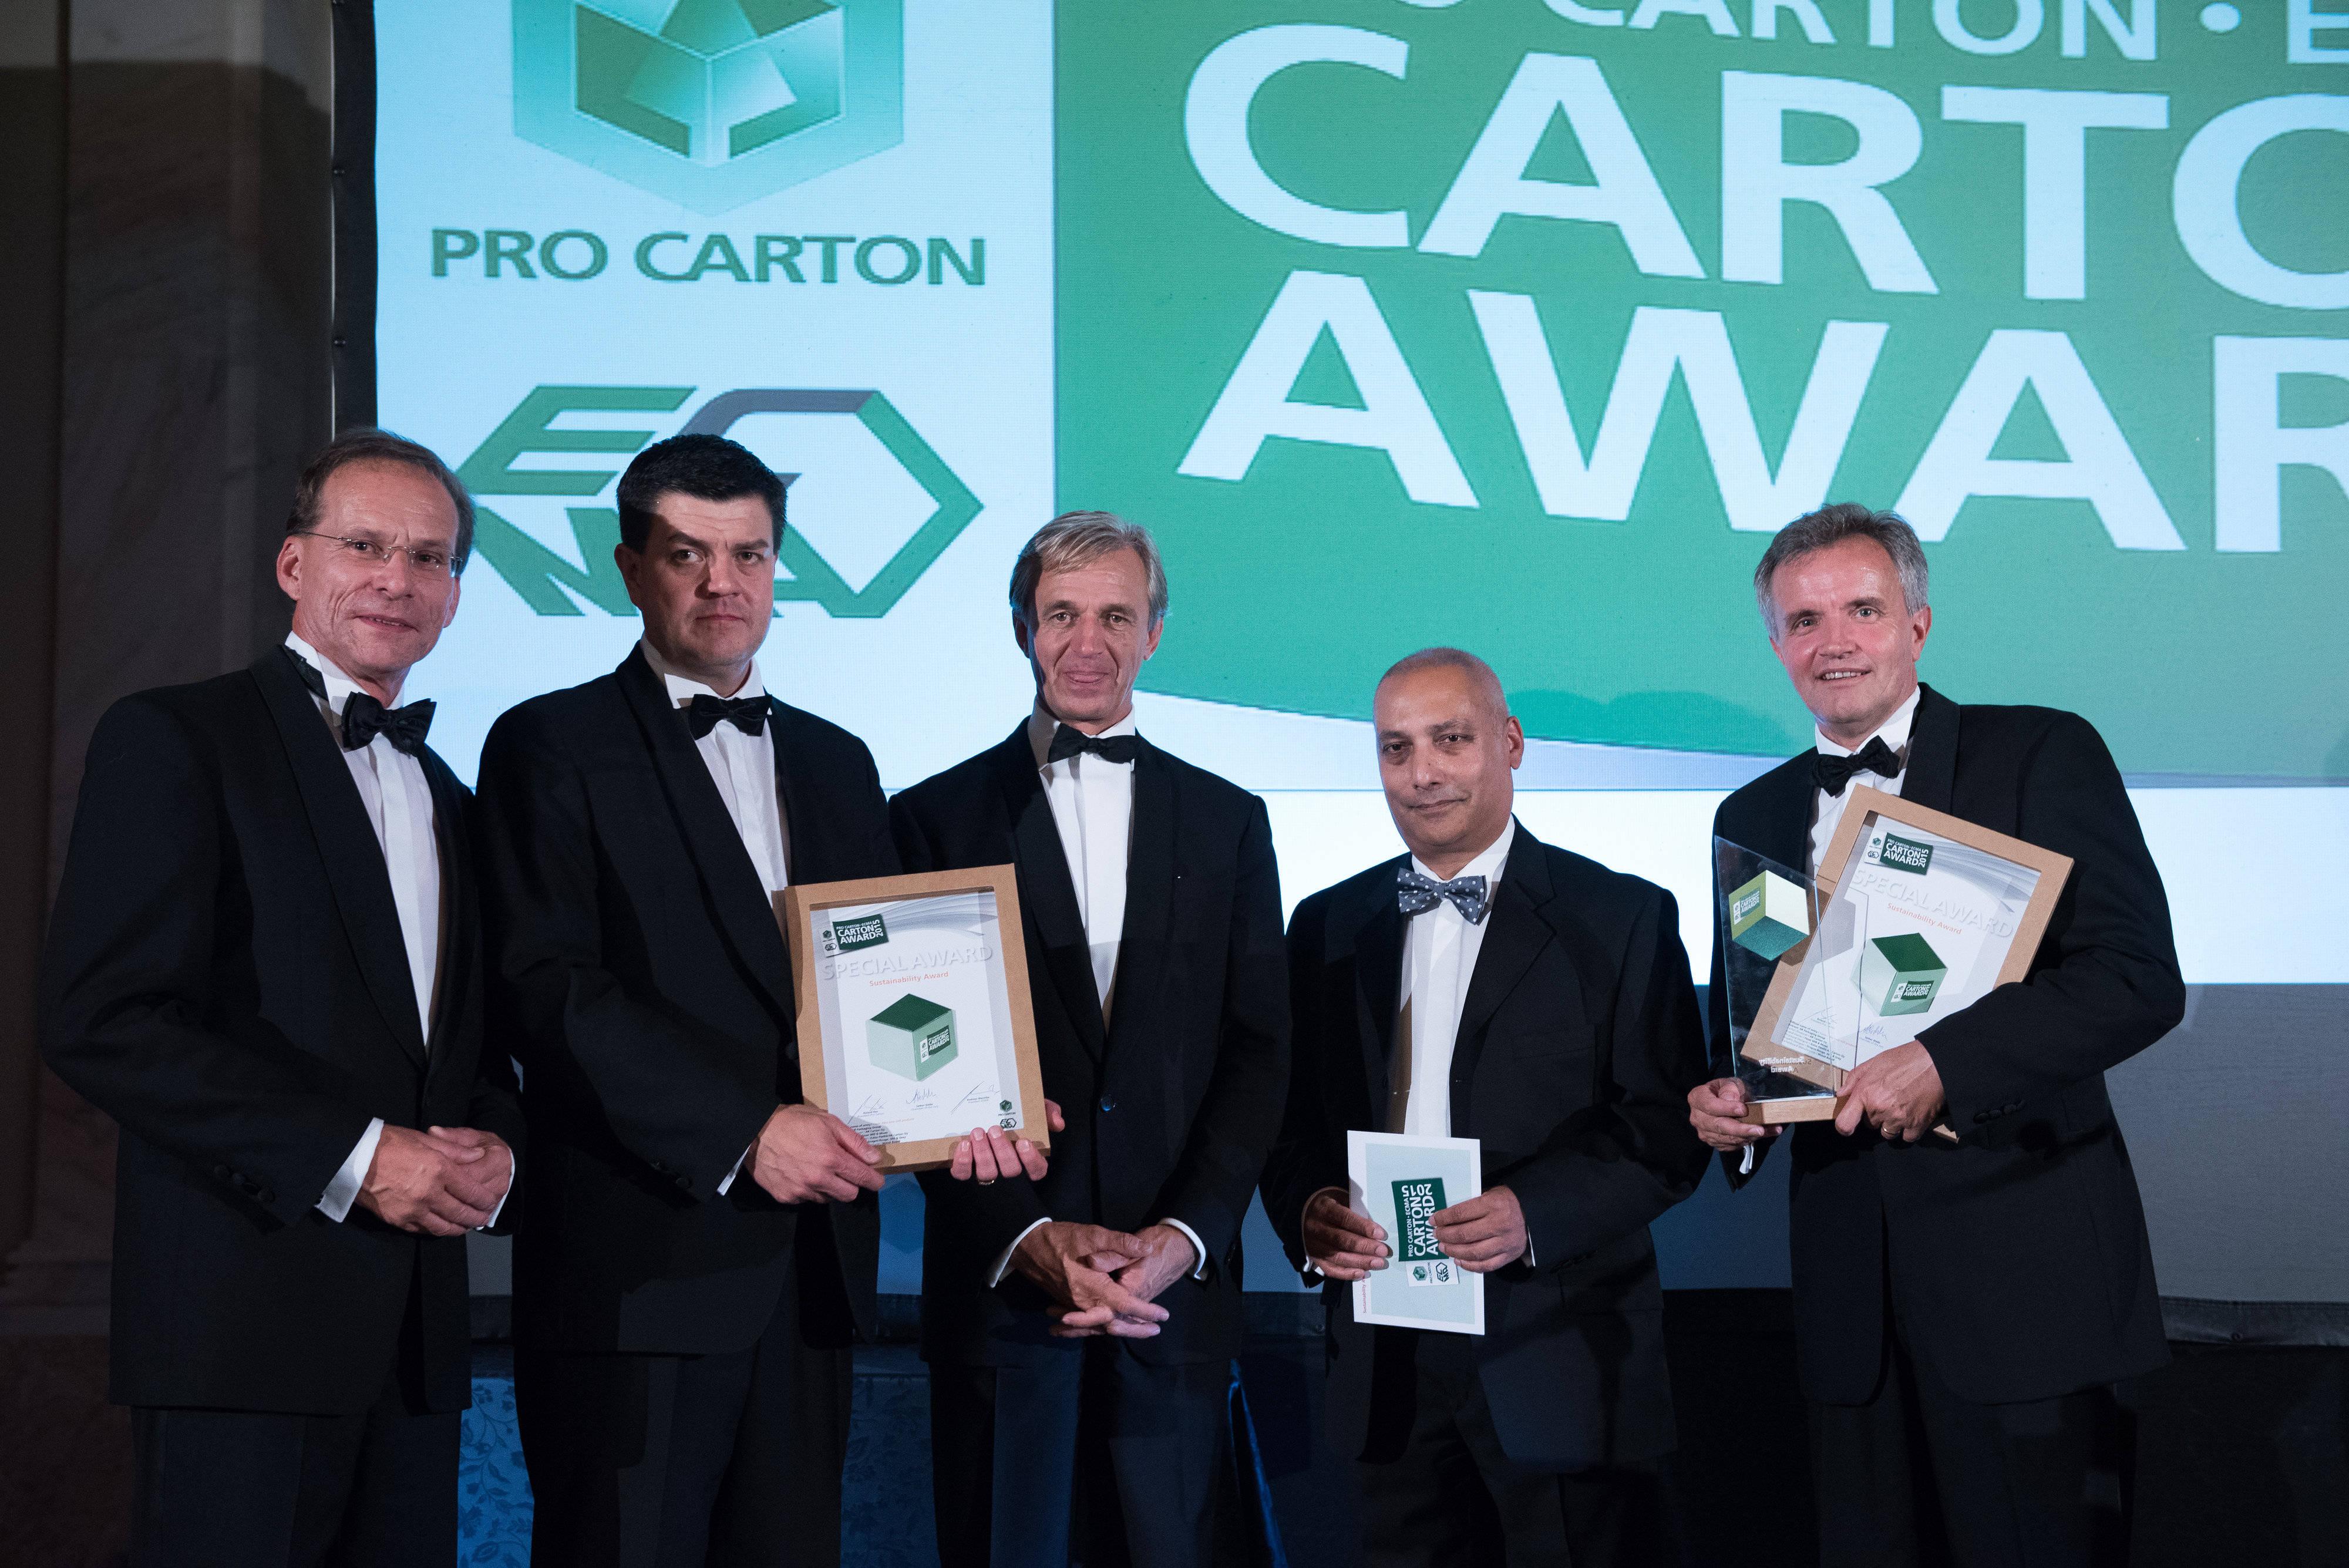 Pro Carton ECMA Award Gala 2015 44